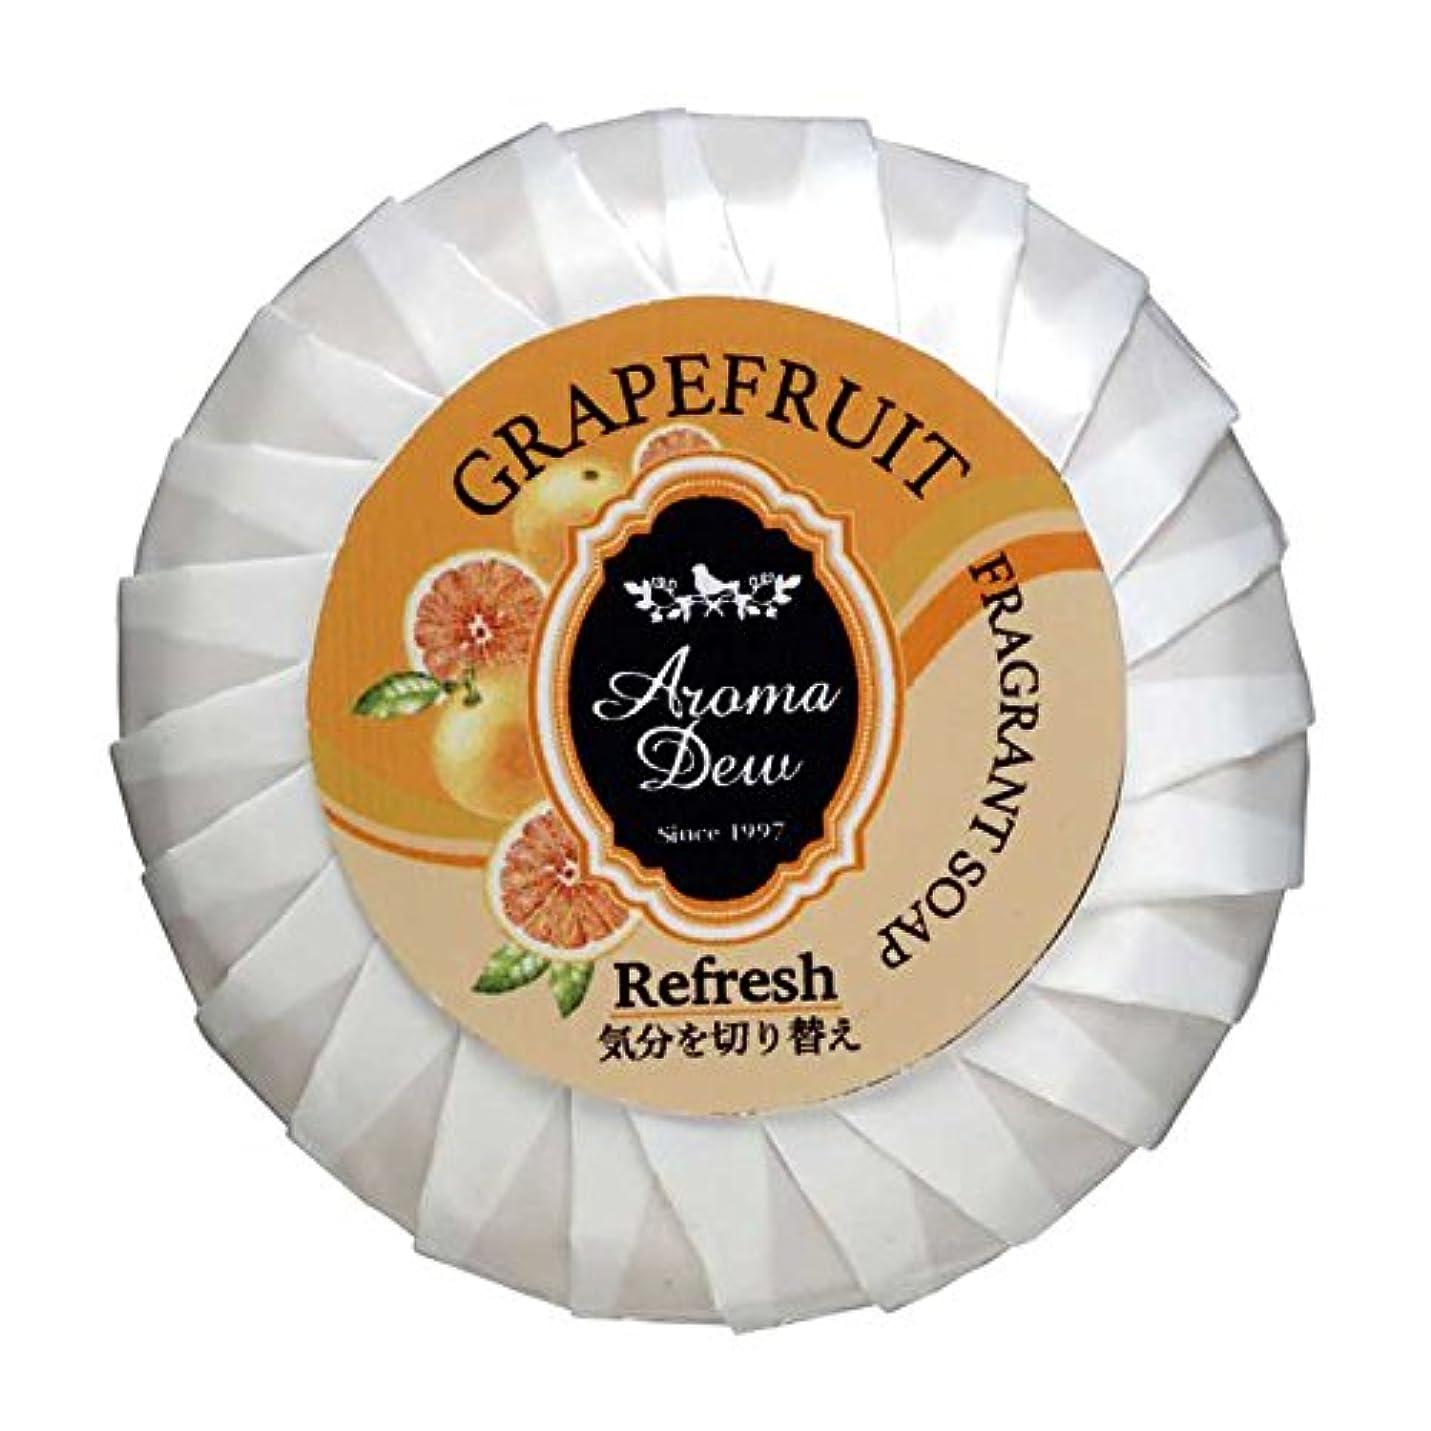 支援するタイトル無視できるアロマデュウ フレグラントソープ グレープフルーツの香り 100g